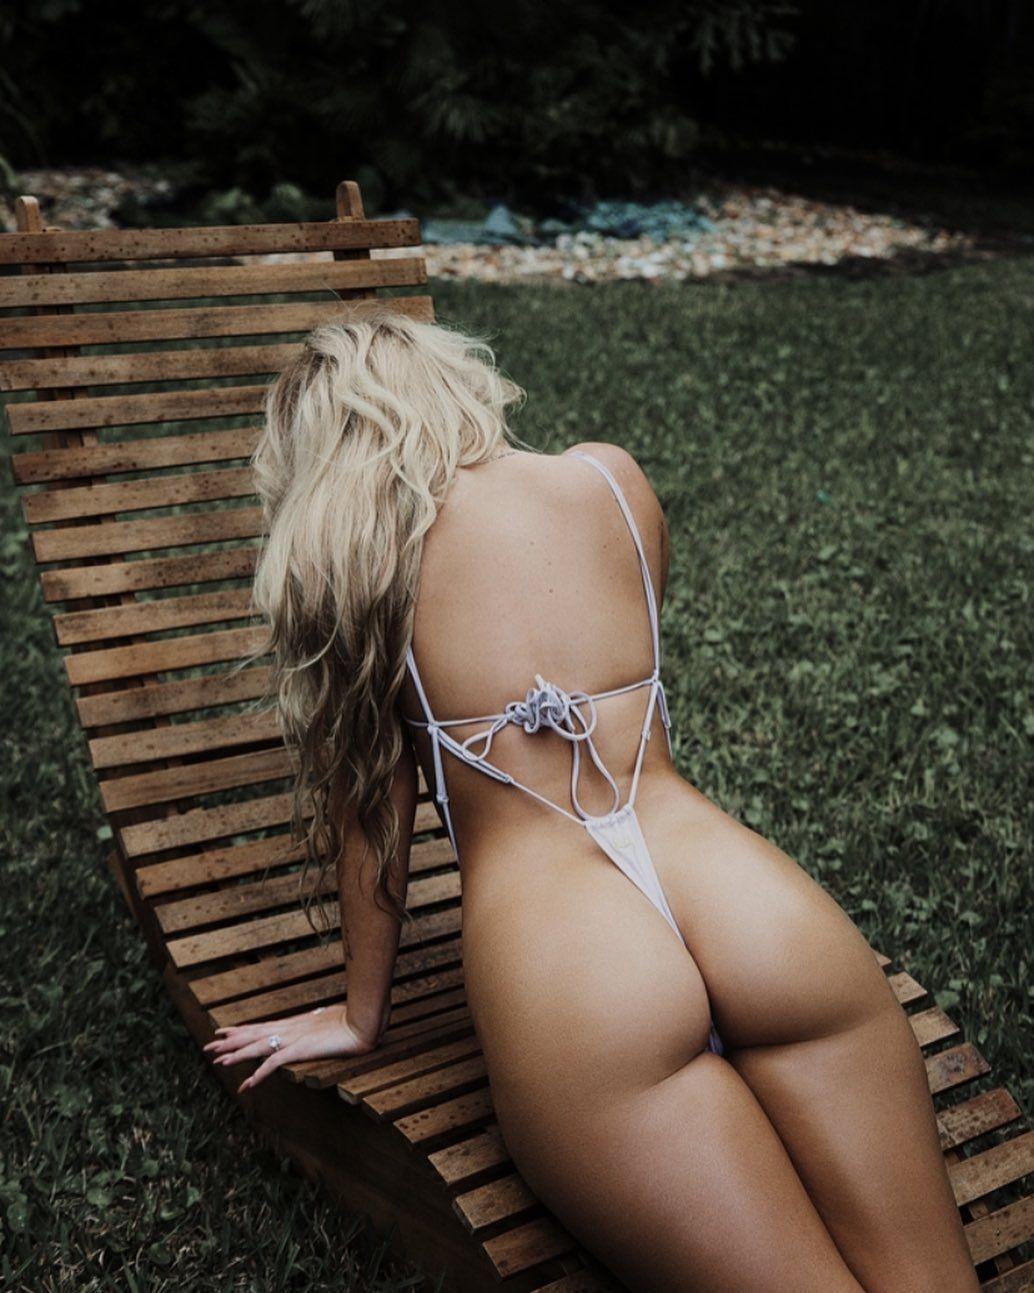 Jenni Niemaann Sexy & Topless 0056